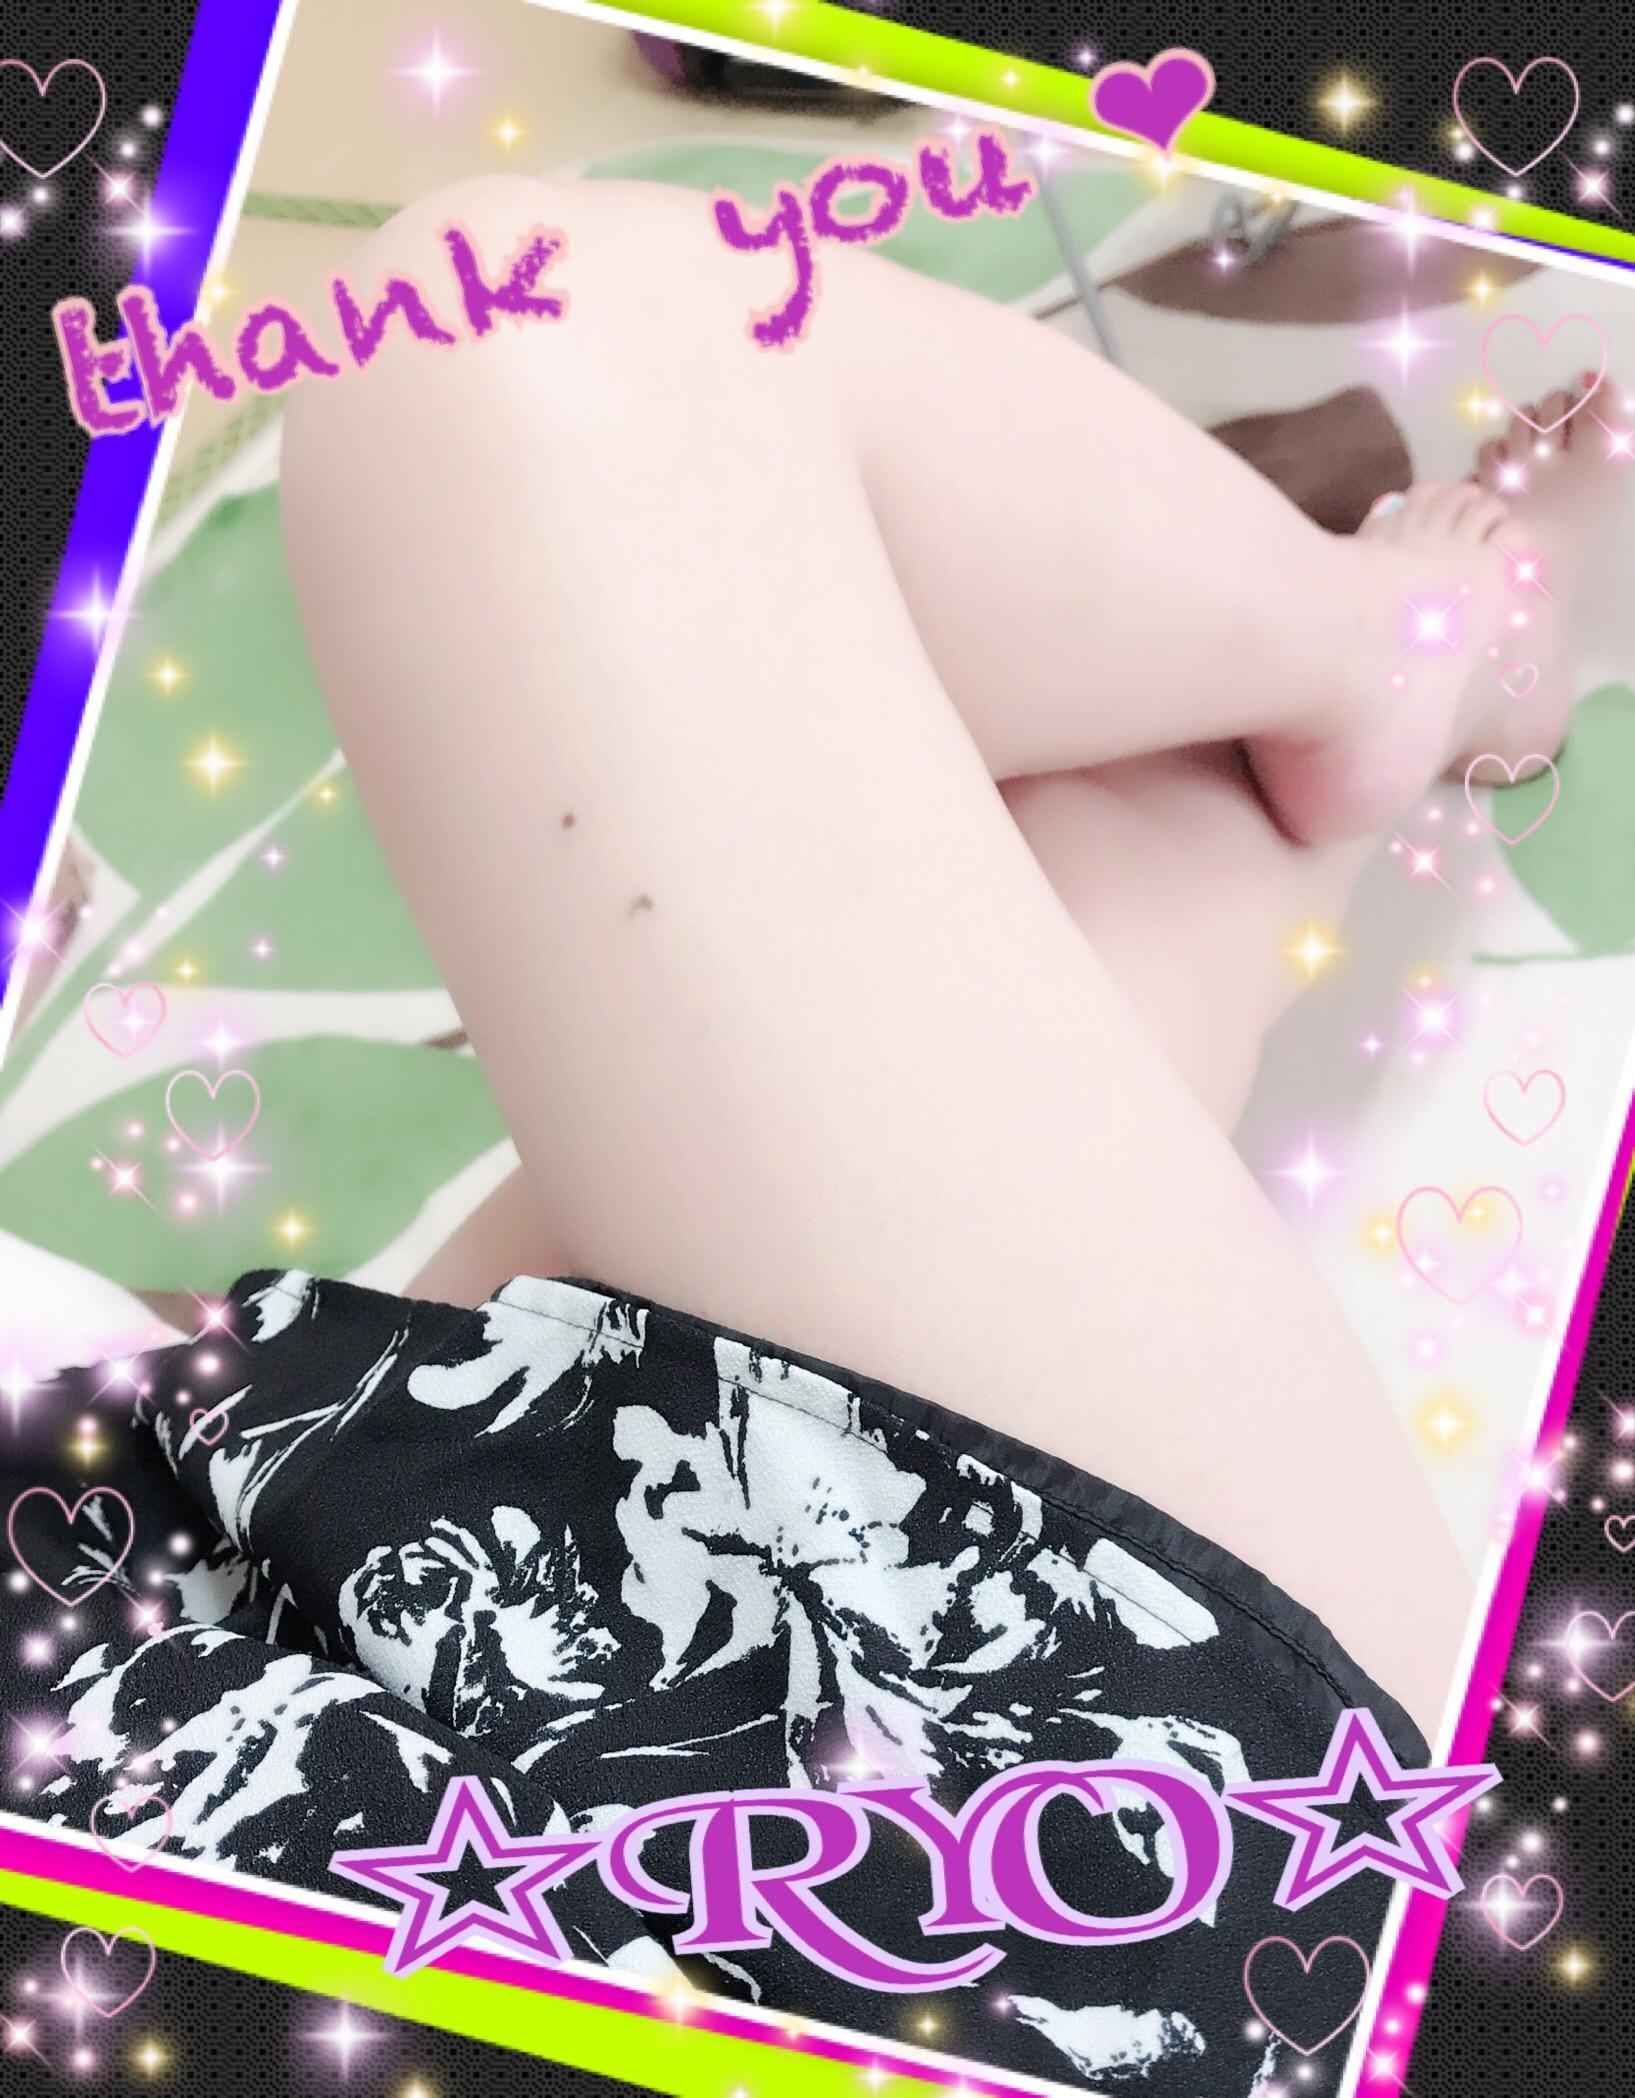 「ありがとうございます♪」09/14(09/14) 17:03 | りょう【~人妻の都~】の写メ・風俗動画